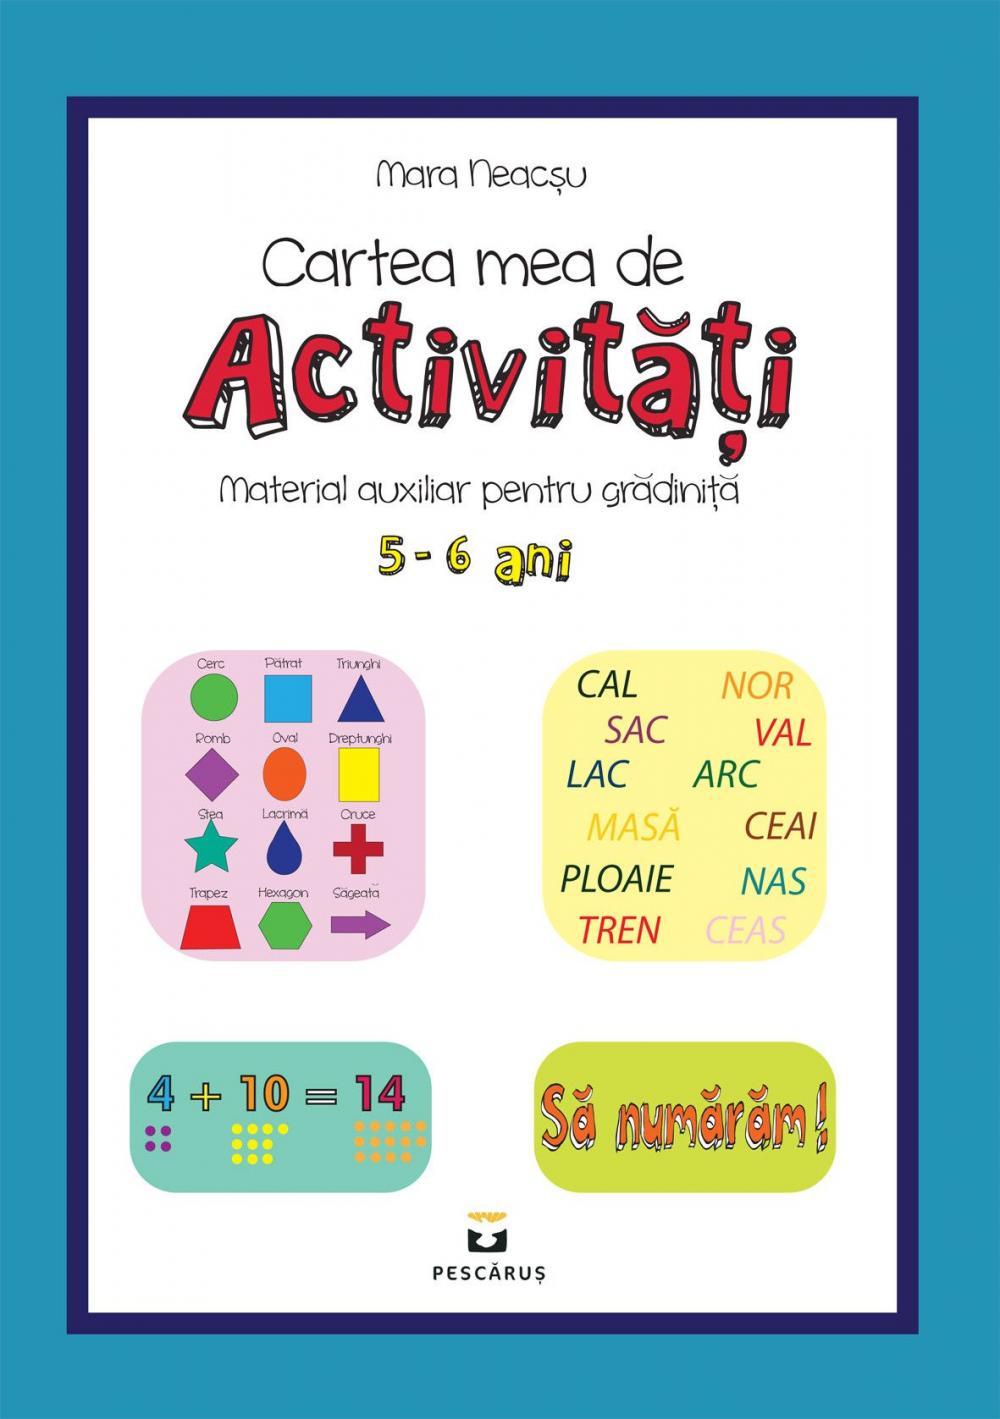 CARTEA MEA DE ACTIVITATI PENTRU 5-6 ANI